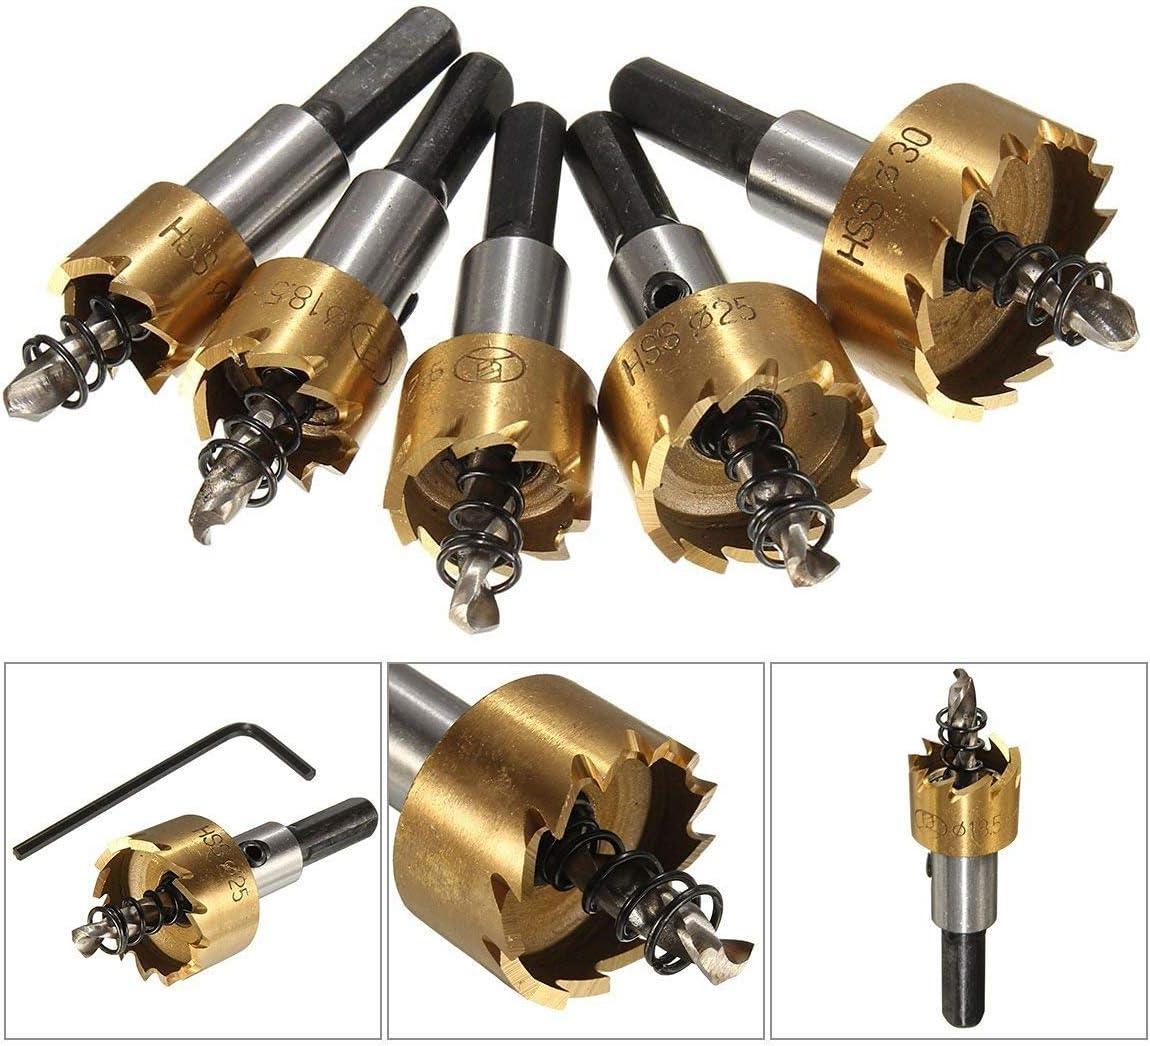 5 piezas HSS4341 agujero de acero de alta velocidad vio perforar chapa de acero inoxidable agujero escariador de metal sierra,Inoxidable Agujero Herramientas Cortadora